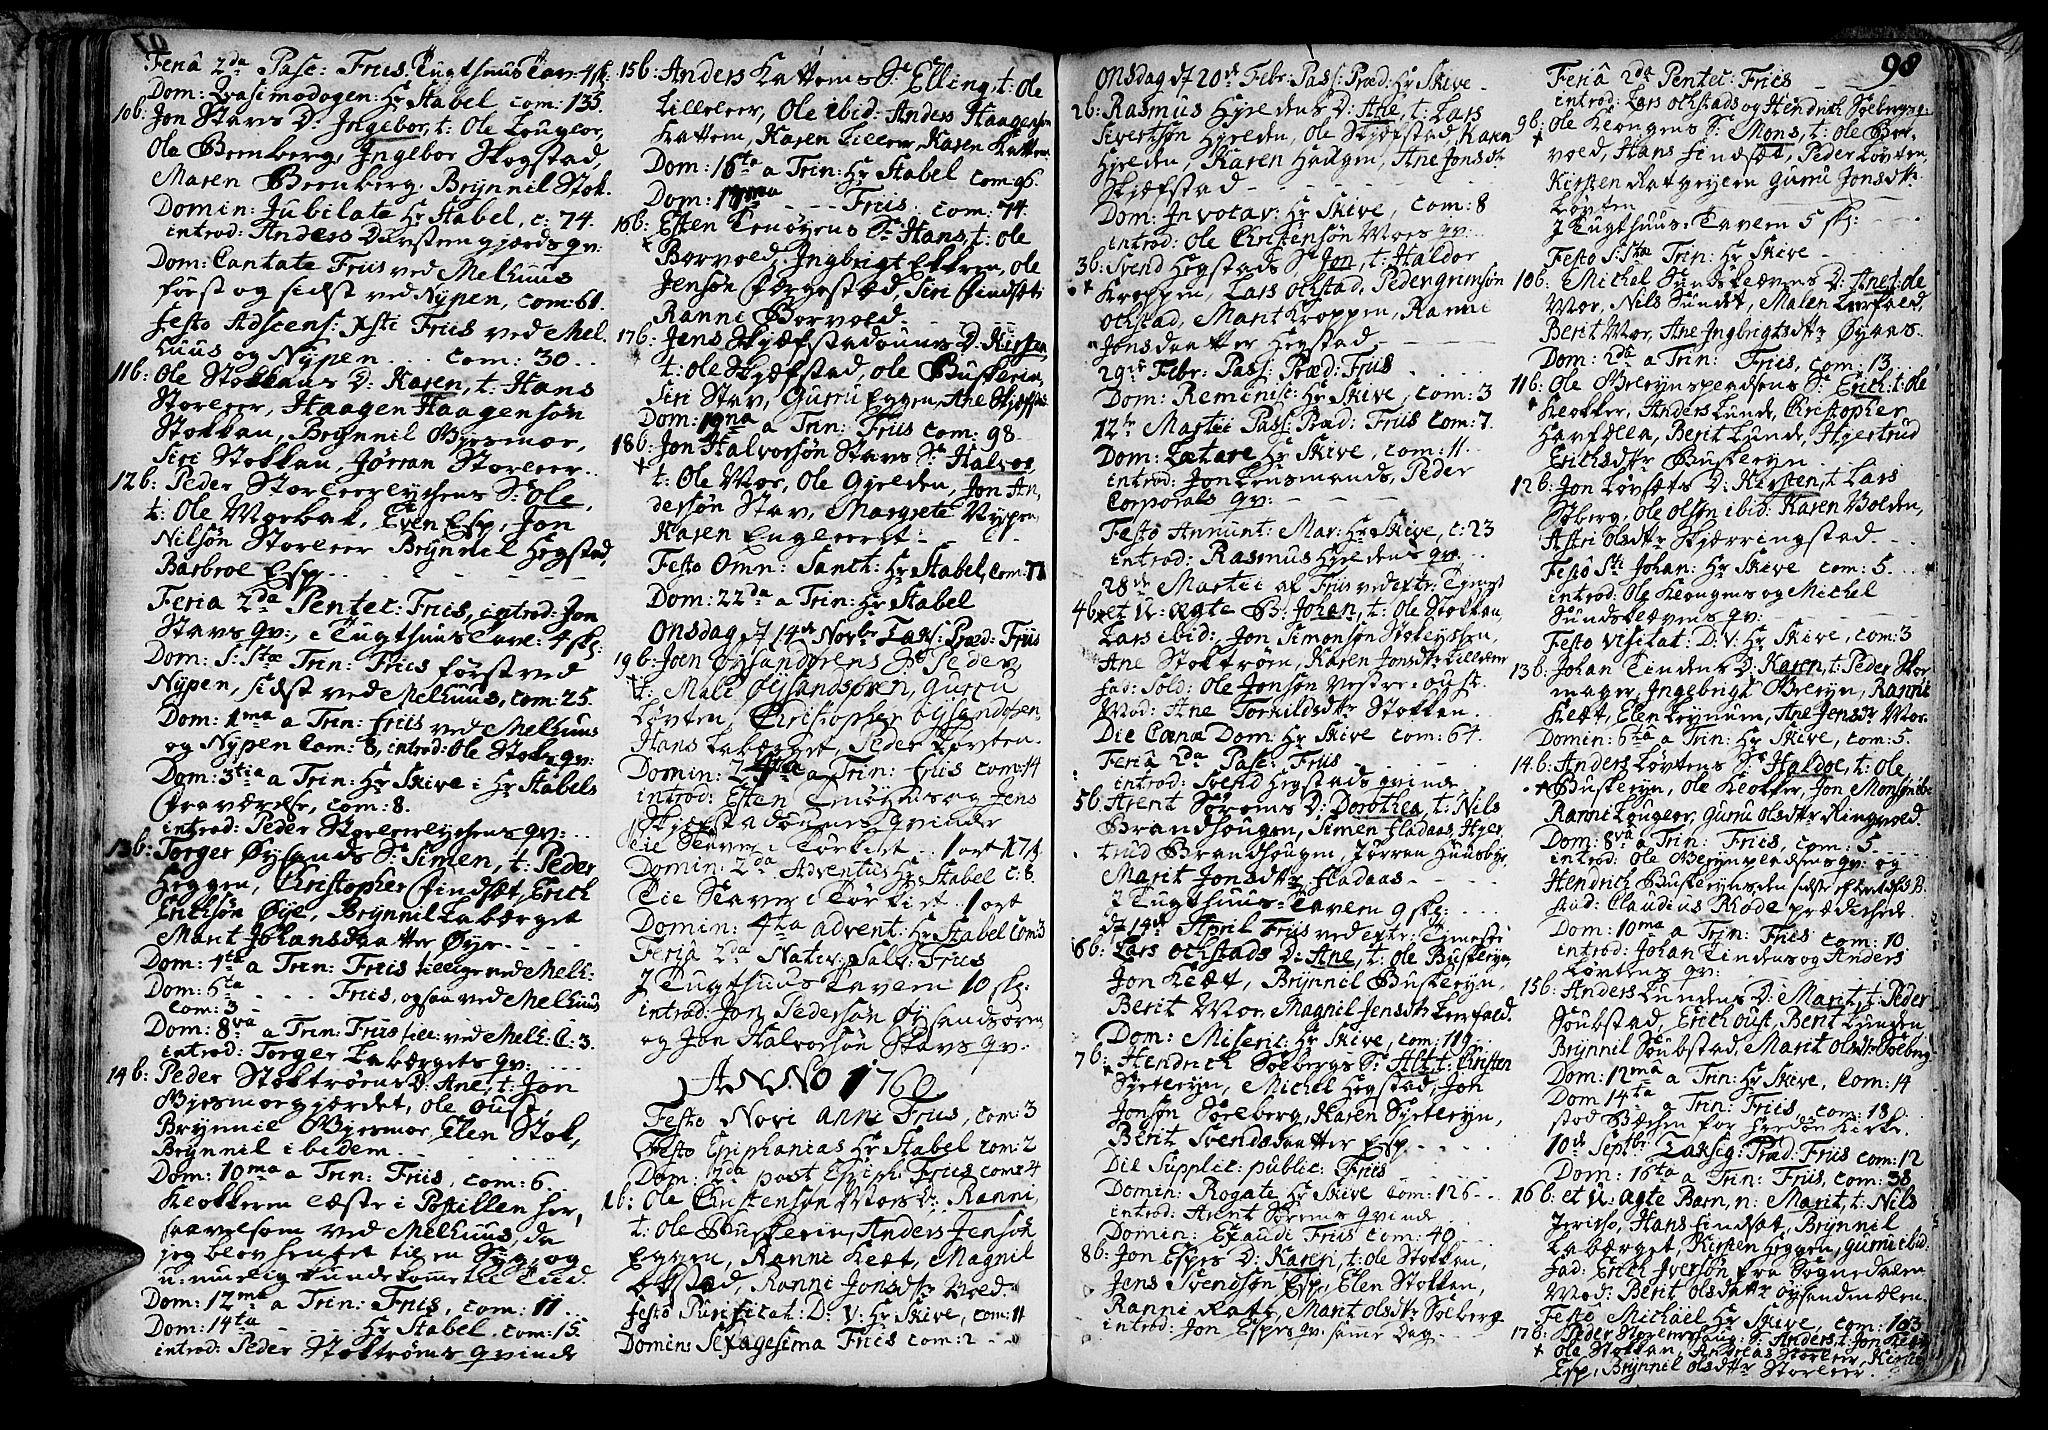 SAT, Ministerialprotokoller, klokkerbøker og fødselsregistre - Sør-Trøndelag, 691/L1059: Ministerialbok nr. 691A01 /3, 1740-1767, s. 98